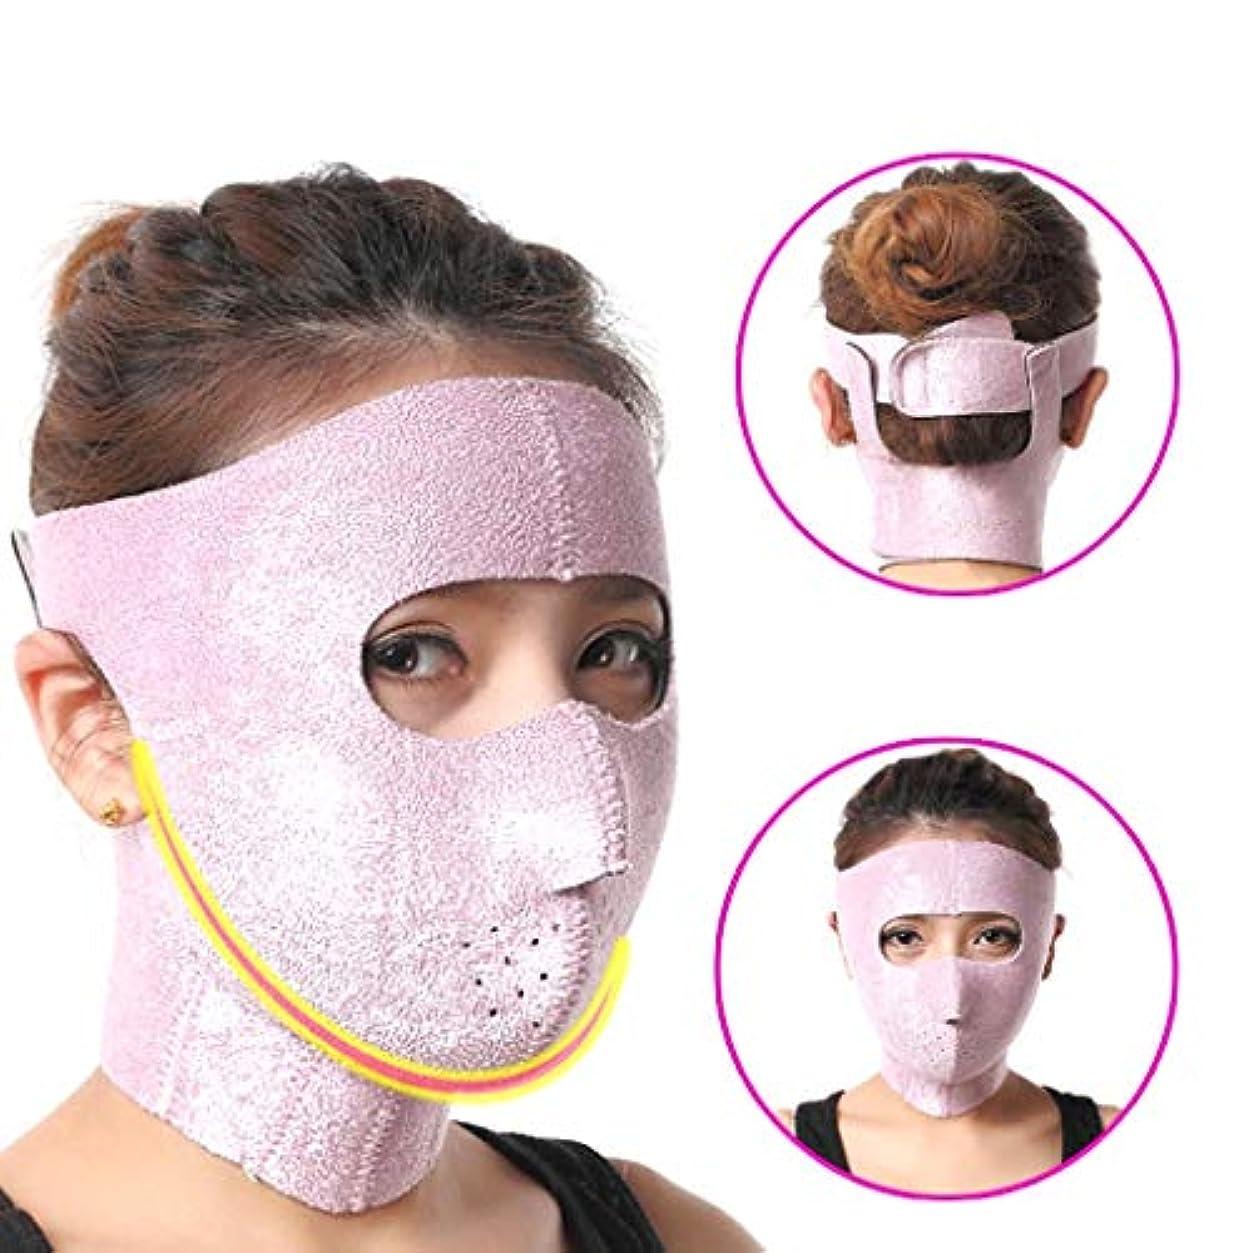 櫛有限ずっとXHLMRMJ 薄いあご修正ツール、顔リフティングマスク、リフティングファーミング、Vフェイシャルマスク、改良された咬筋二重あご、男性と女性の両方に適しています